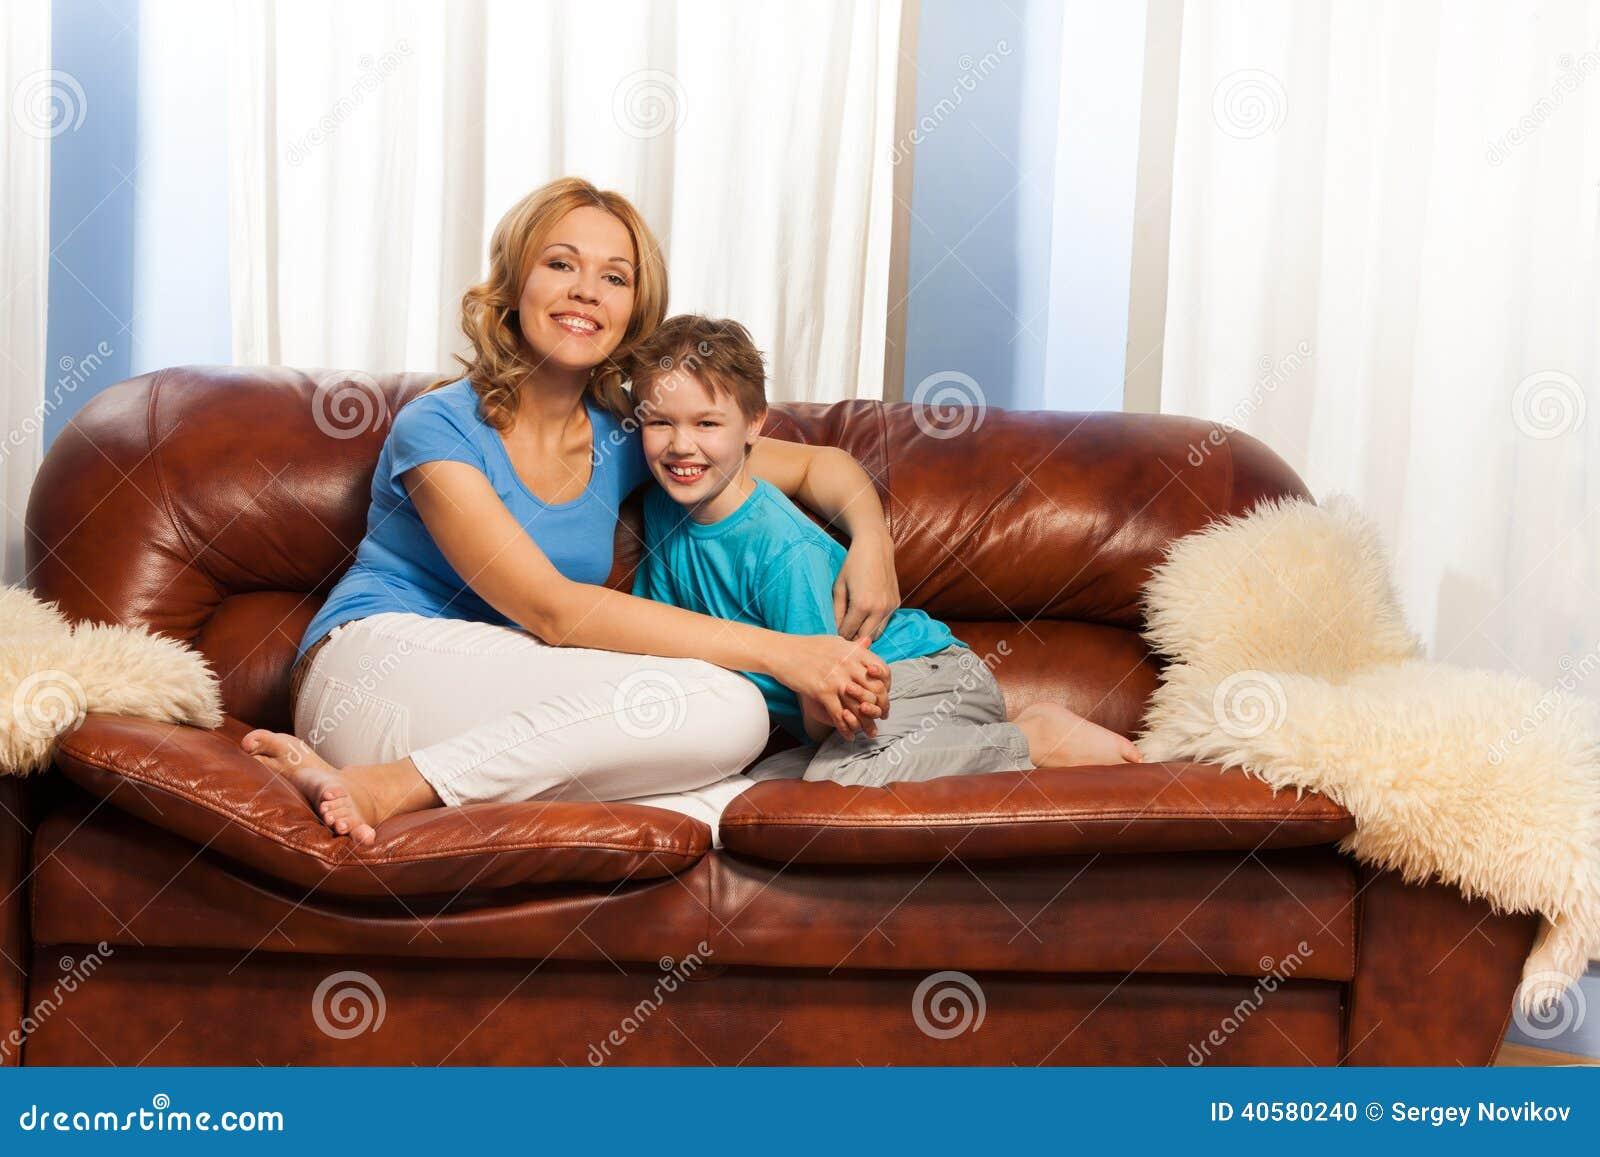 Мать обнимает ребенка сидя на кресле дома